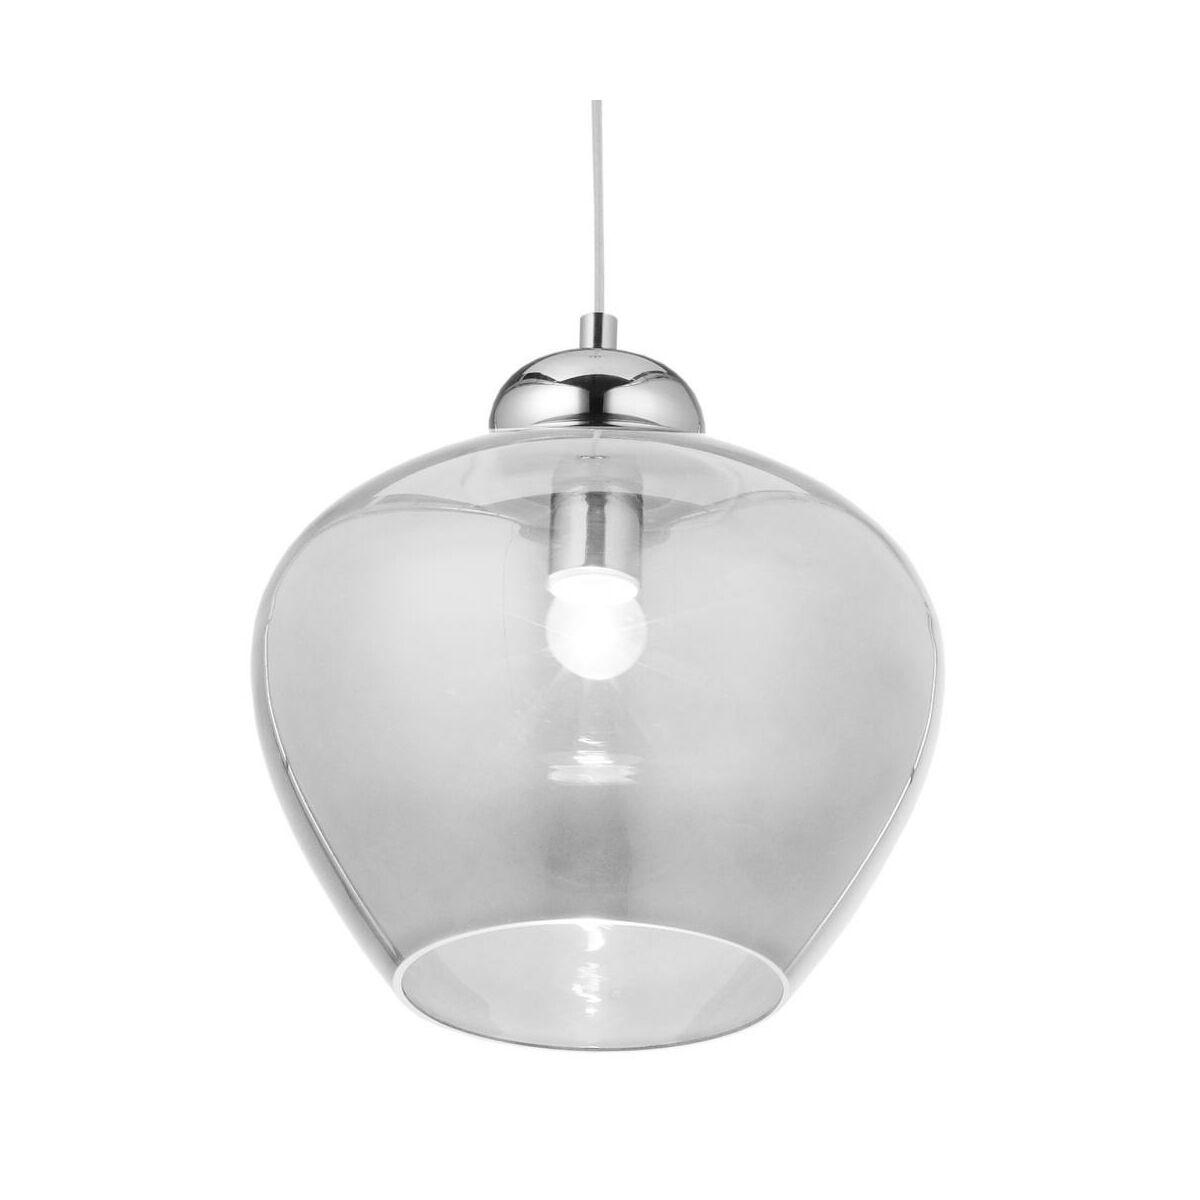 Lampa Wiszaca Moscato Przezroczysta E27 Prezent Zyrandole Lampy Wiszace I Sufitowe W Atrakcyjnej Cenie W Sklepach Leroy Merlin